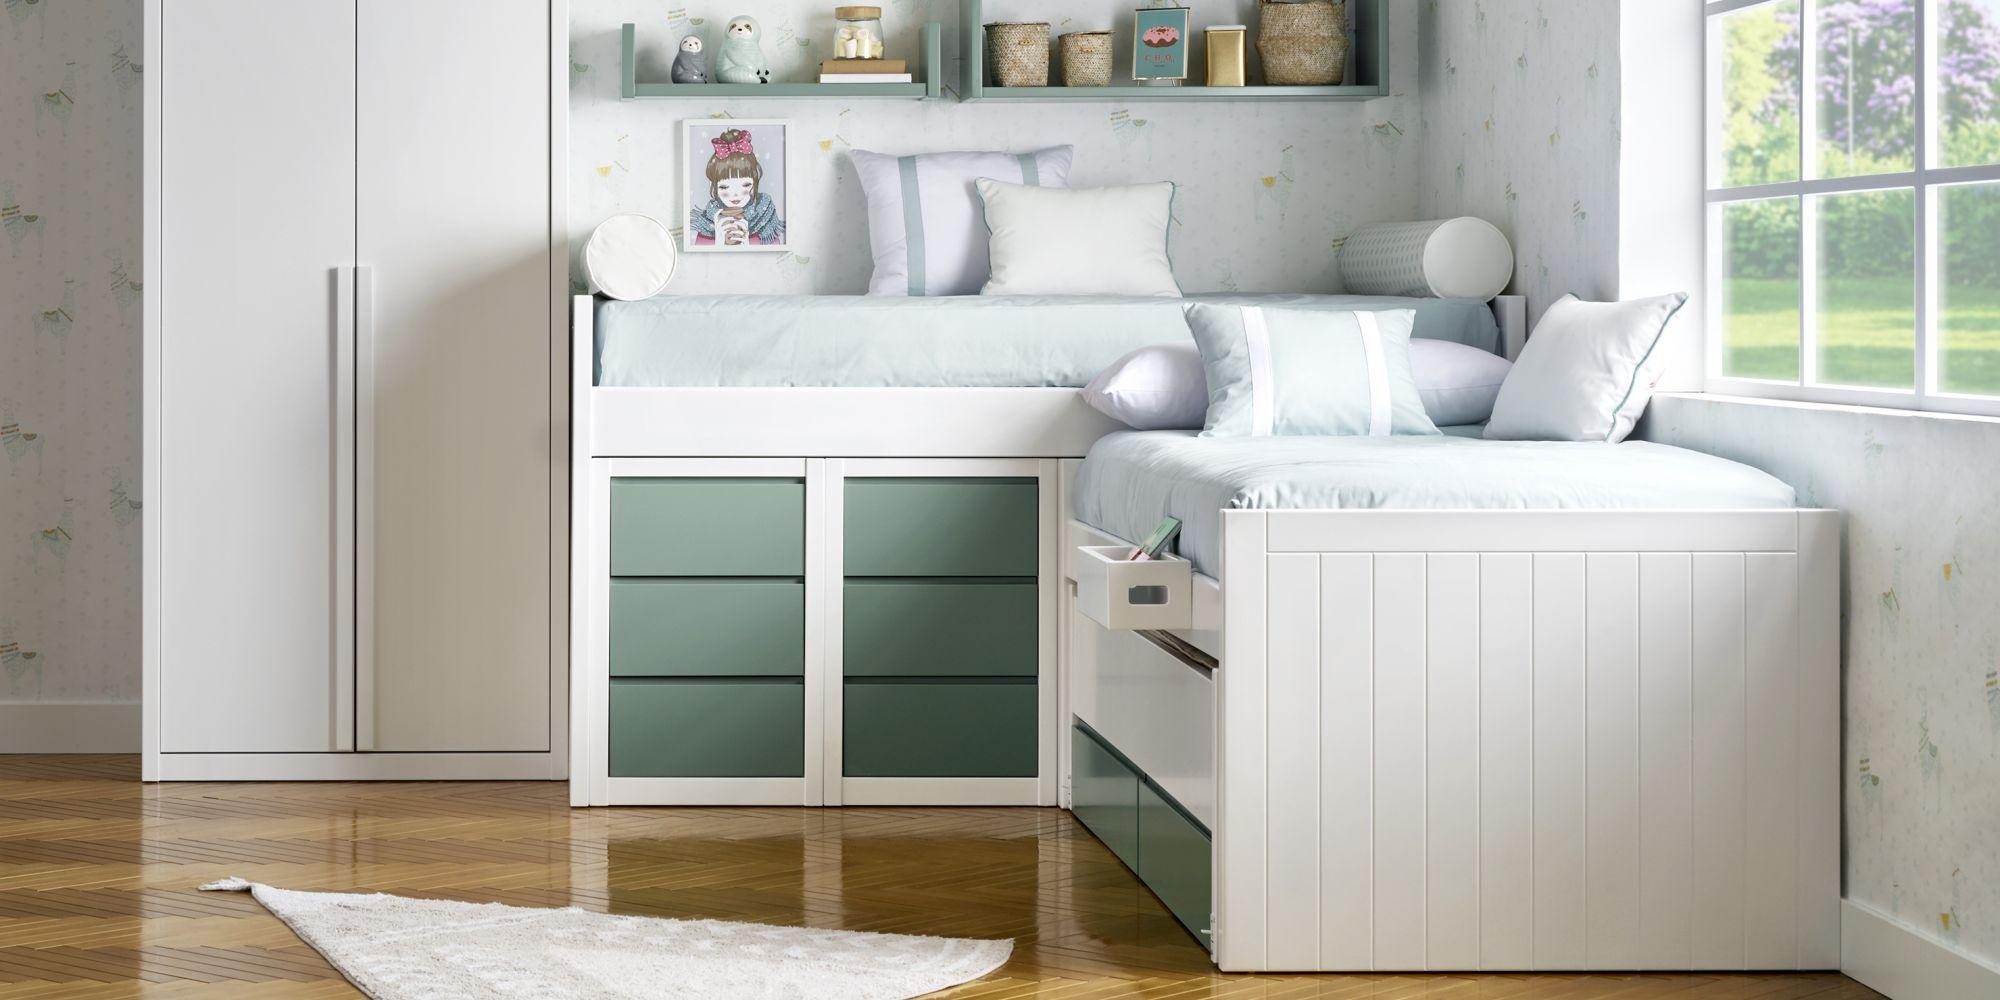 Habitacion con dos camas y armario blanco y verde